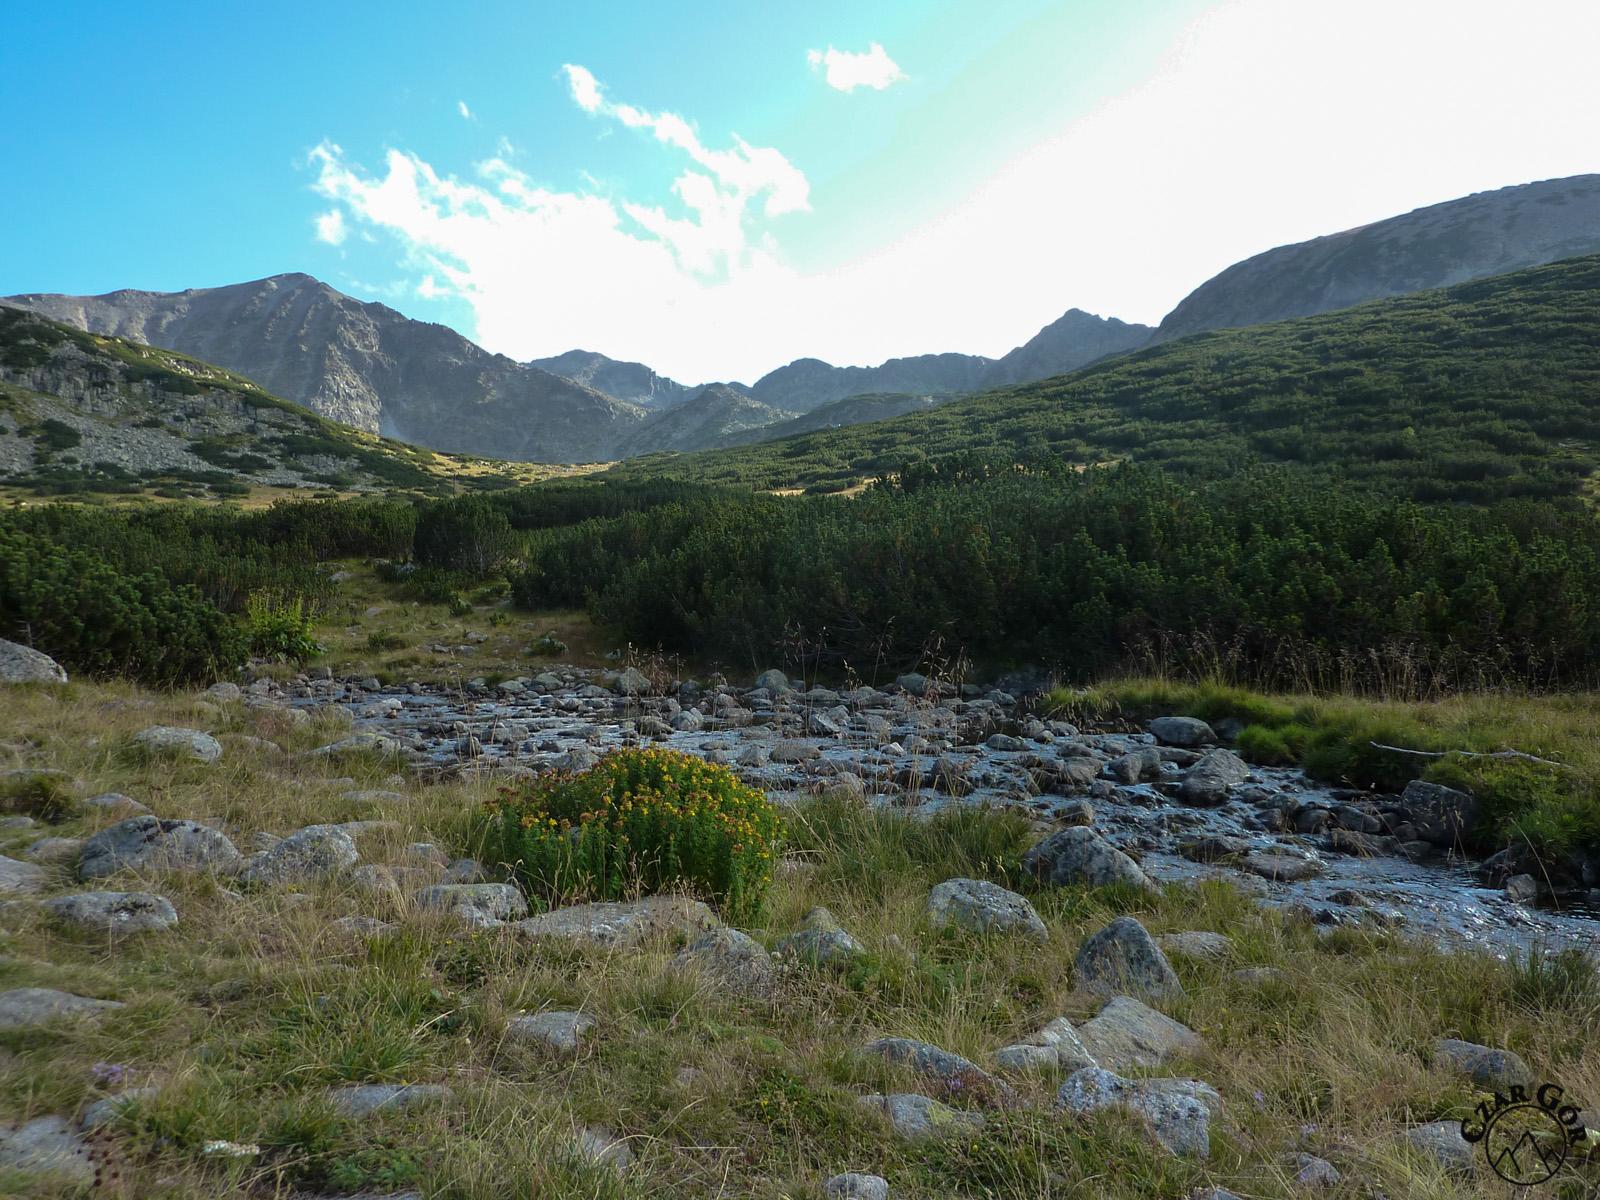 Ostatnie spojrzenie w kierunku tych pięknych gór